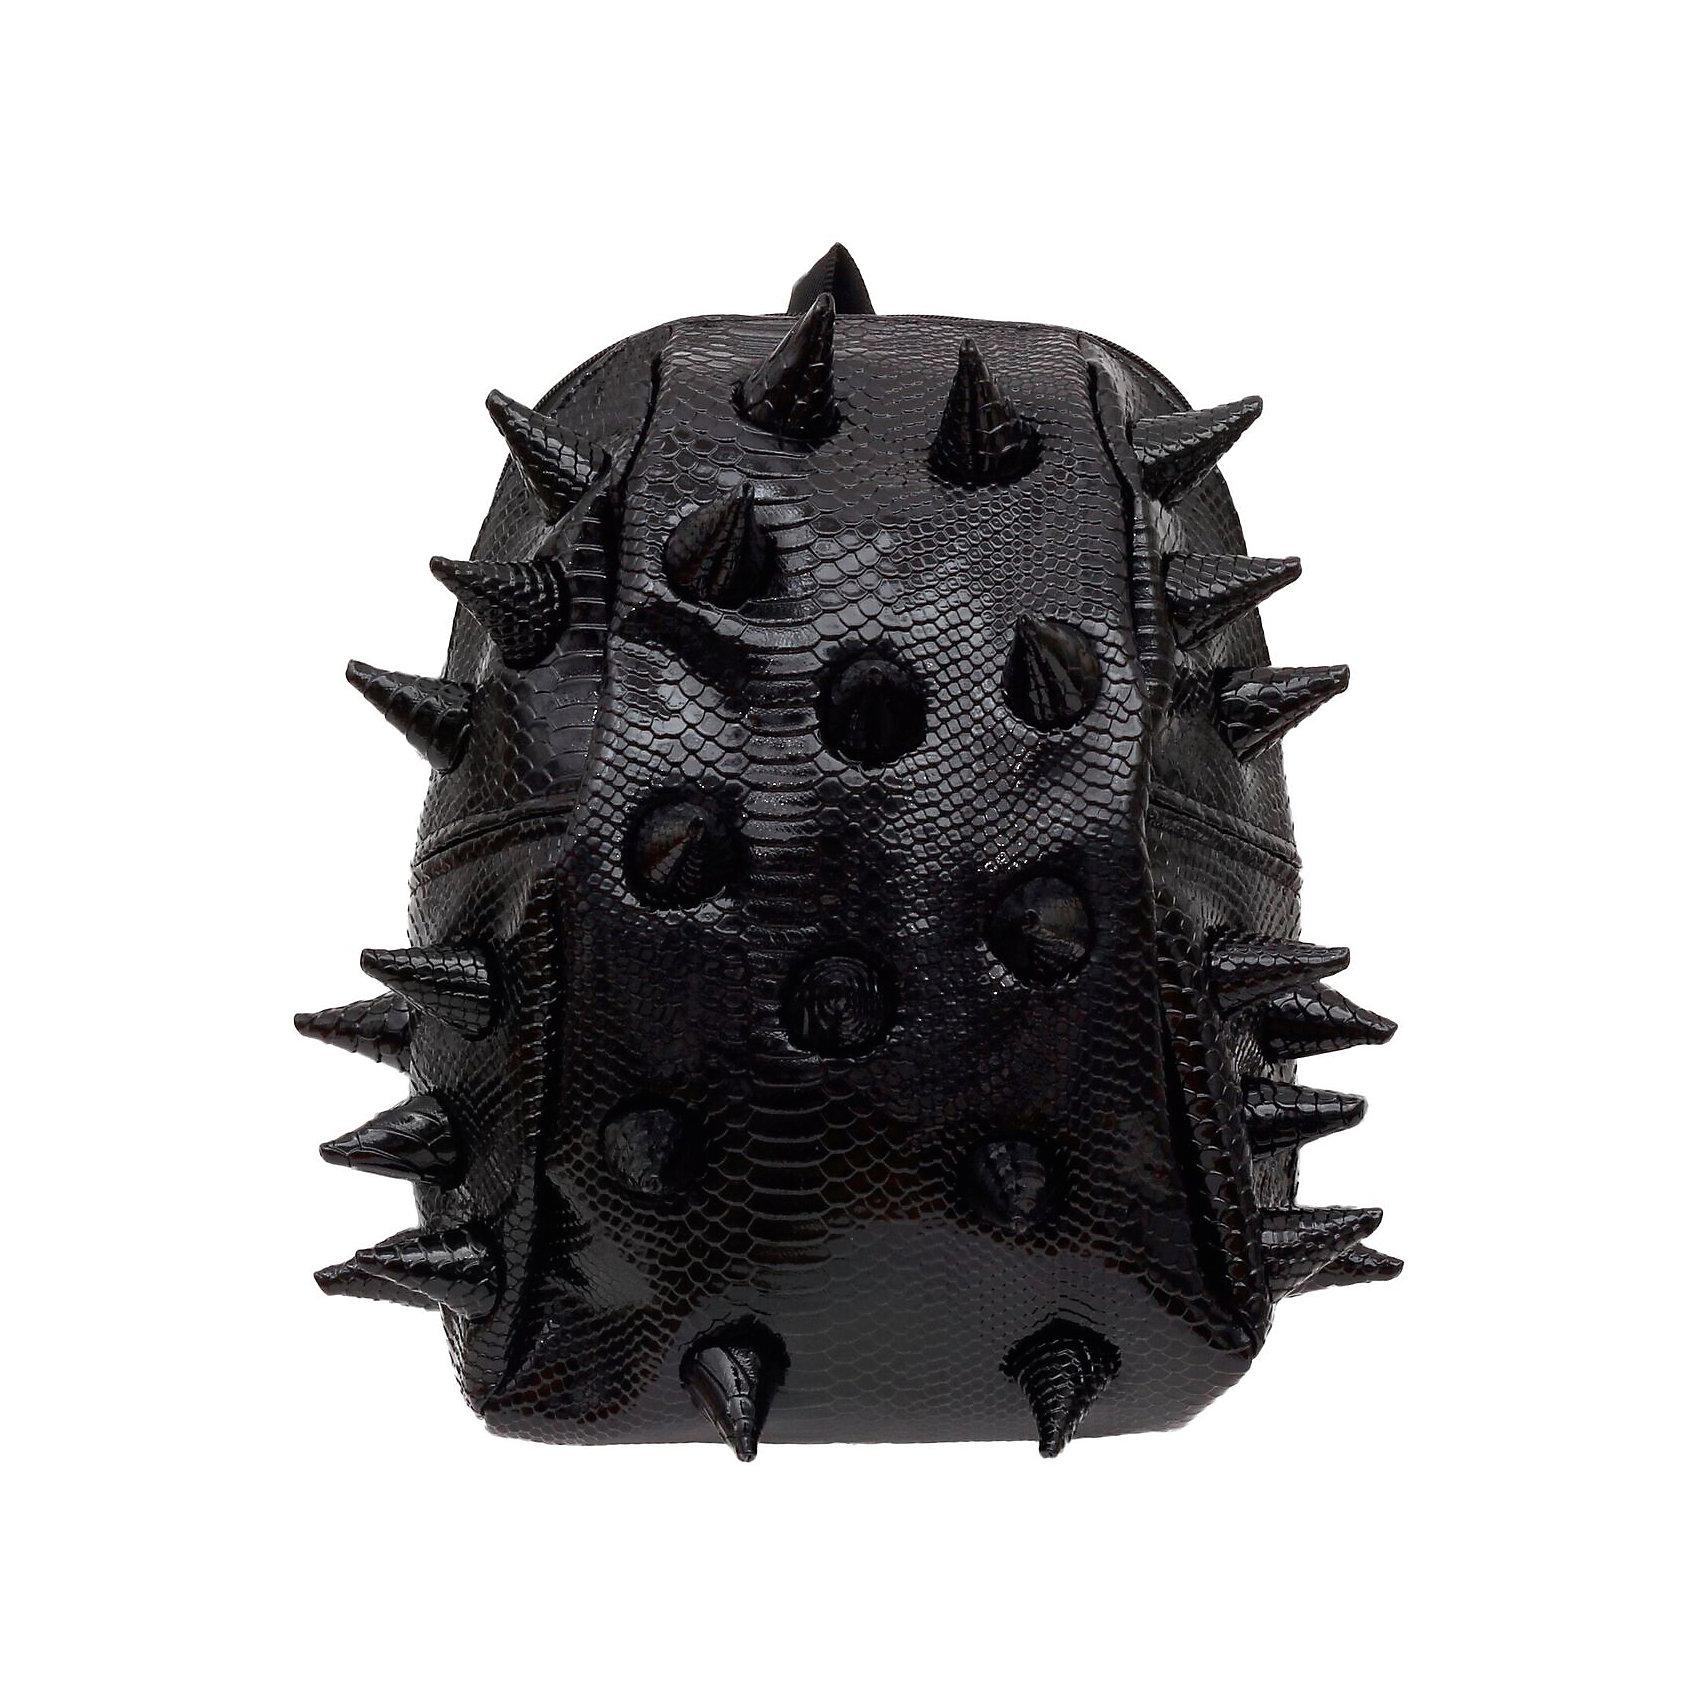 Рюкзак Gator Half, LUXE Black, цвет черныйРюкзаки<br>Характеристики товара:<br><br>• цвет: черный;<br>• возраст: от 3 лет;<br>• вес: 0,6 кг;<br>• размер: 36х31х15 см;<br>• особенности модели: с пузырями;<br>• большое отделение на молнии;<br>• дополнительный карман на задней стенке рюкзака;<br>• мягкие регулируемые лямки;<br>• ортопедическая спинка с вентиляцией;<br>• два дополнительных боковых кармана на молнии;<br>• материал: поливинил;<br>• страна бренда: США;<br>• страна изготовитель: Китай.<br><br>Удобный рюкзак для детей Madpax «Gator Full» непременно понравится детям. Малый вес рюкзака позволяет ребенку носить с собой все необходимое для учебы, при этом не перегружая позвоночник. Стильный шипованный дизайн с имитацией кожи рептилий выделяют рюкзак Мэдпакс Гатор Фулл среди аналогичных моделей. <br><br>Удобное расположение дополнительных кармашков позволяет ребенку с легкостью доставать необходимые ему вещи. Специальная спинка рюкзака Гатор Фулл обеспечивает постоянную вентиляцию спины. Мягкие ремни регулируются в зависимости от роста ребенка. Рюкзак «Gator Full» – это стильная и удобная модель, которая предназначена для ежедневного ношения. <br><br>Рюкзак «Gator Full» можно купить в нашем интернет-магазине.<br><br>Ширина мм: 360<br>Глубина мм: 310<br>Высота мм: 150<br>Вес г: 600<br>Возраст от месяцев: 36<br>Возраст до месяцев: 720<br>Пол: Унисекс<br>Возраст: Детский<br>SKU: 7054082